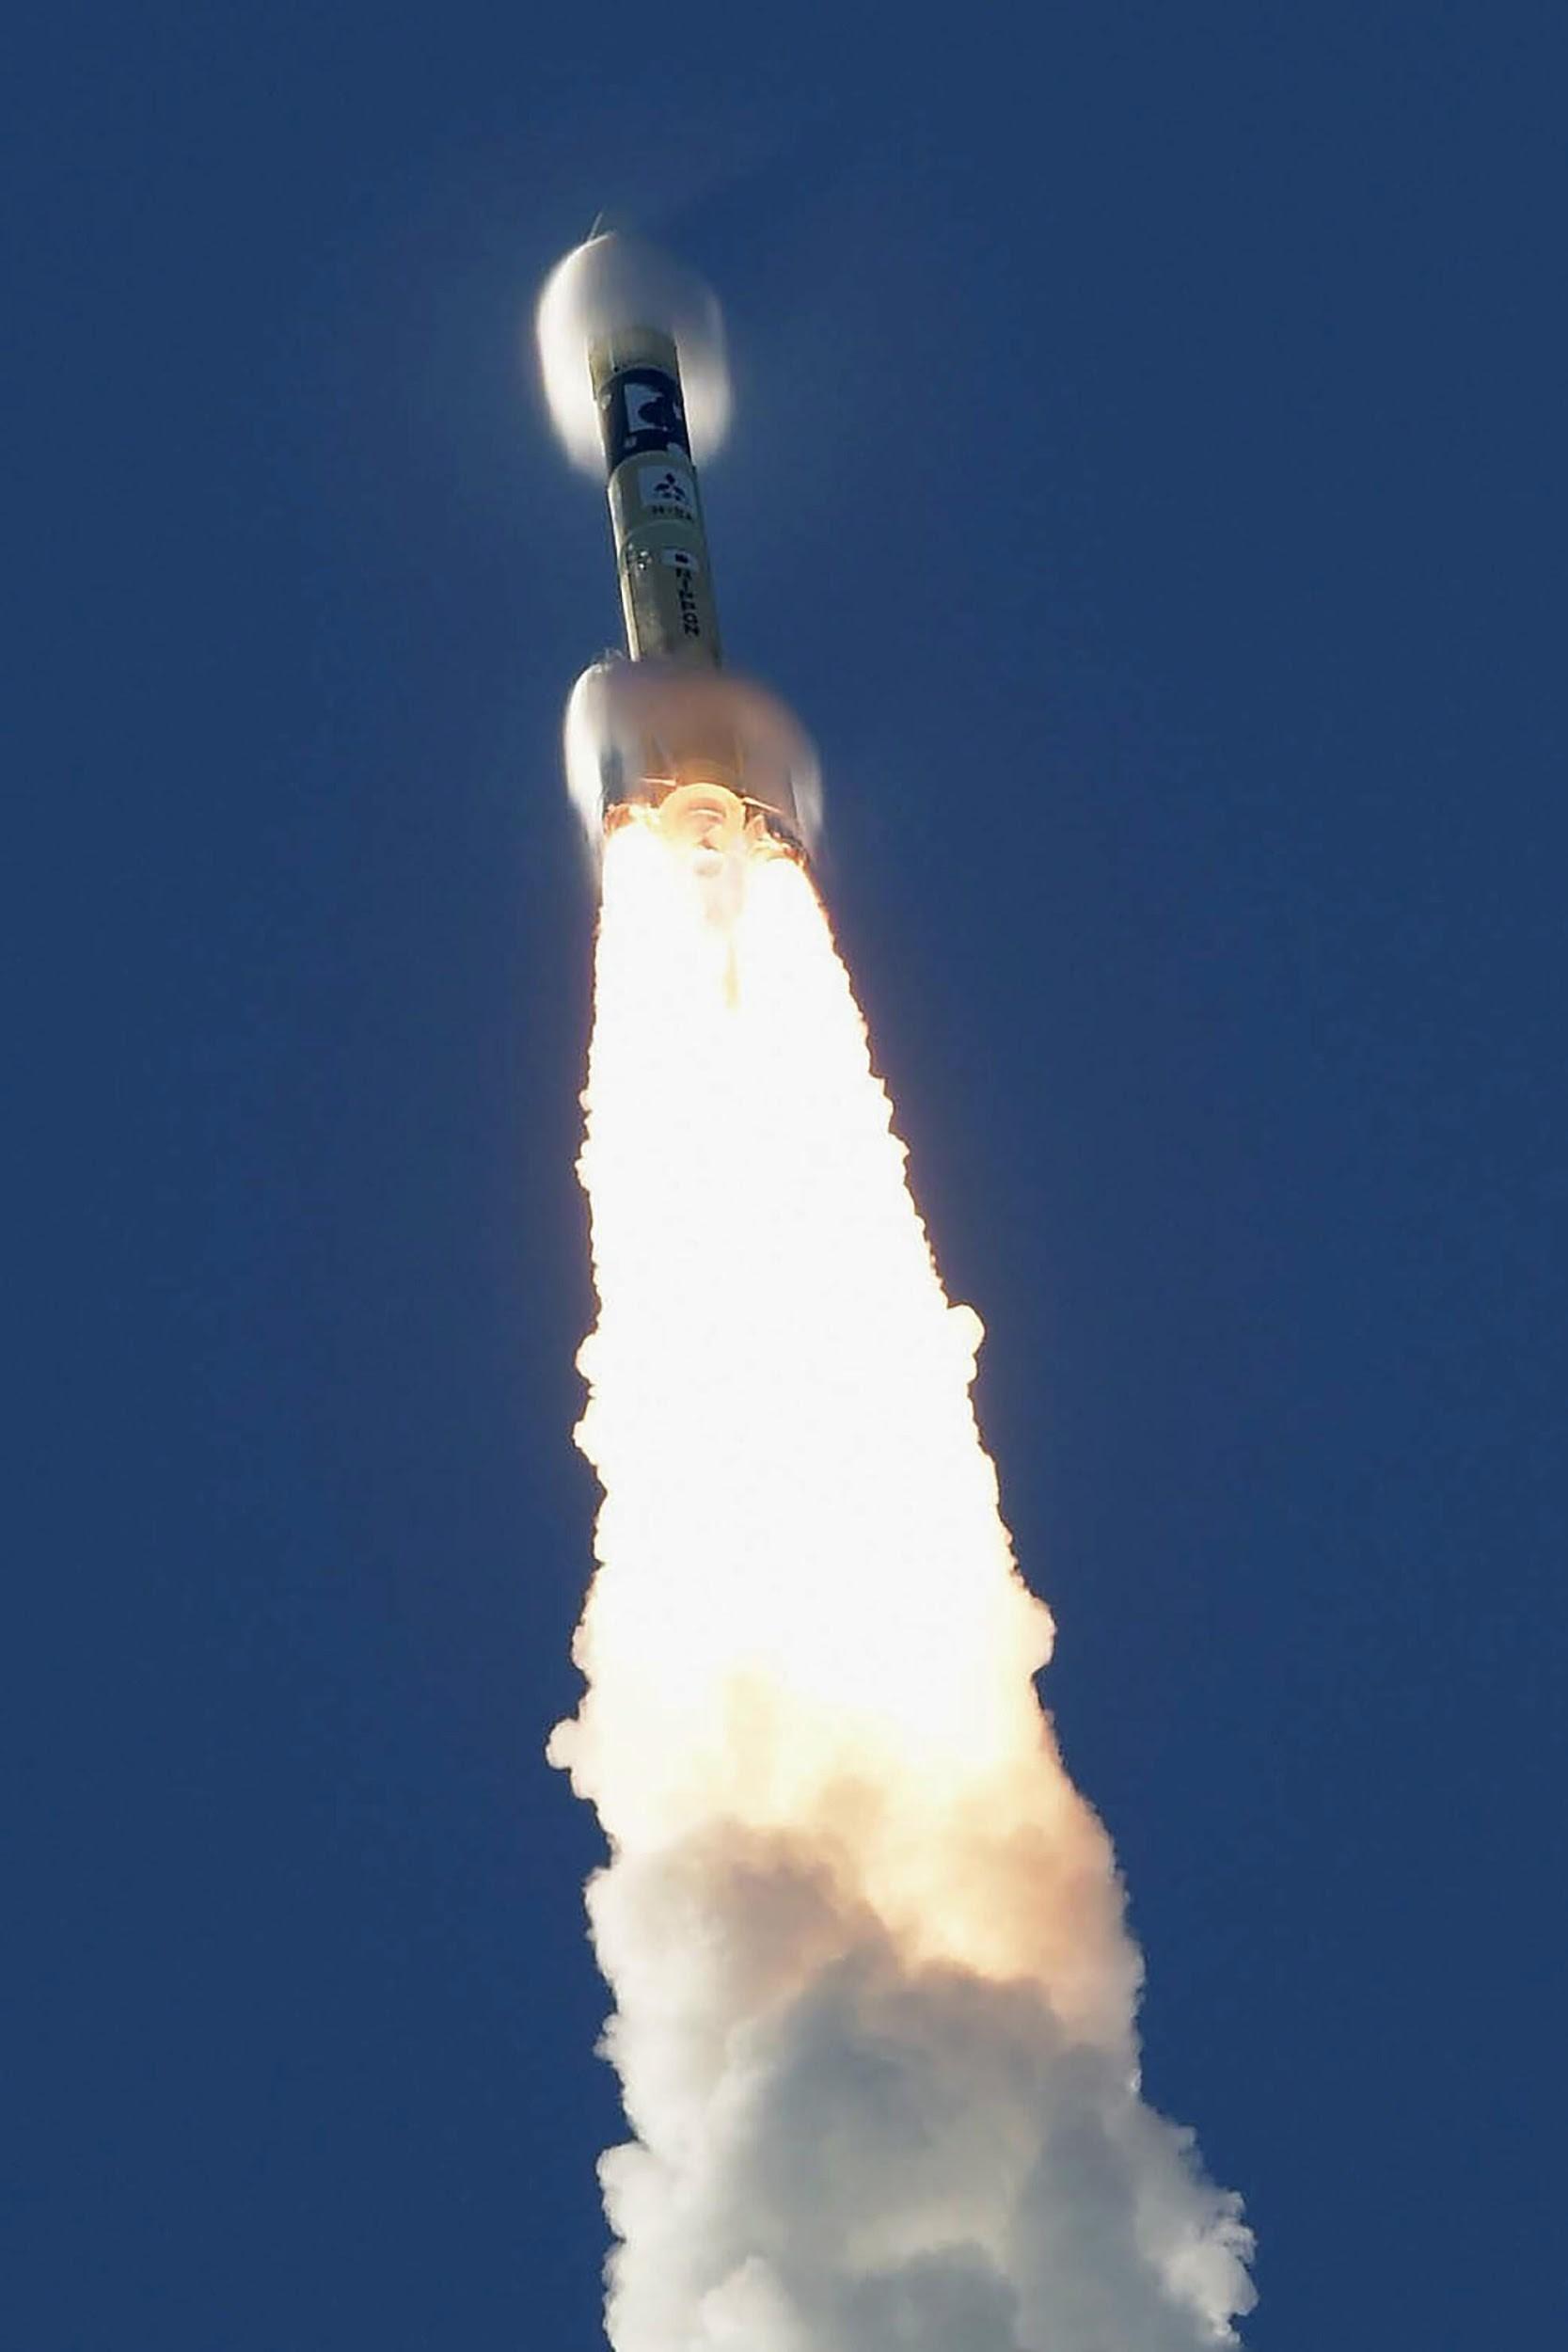 انطلاق صاروخ H-IIA مع مركبة كوكب المريخ الإماراتية هوب من مركز تانيغاشيما للفضاء في كاجوشيما، جنوب اليابان